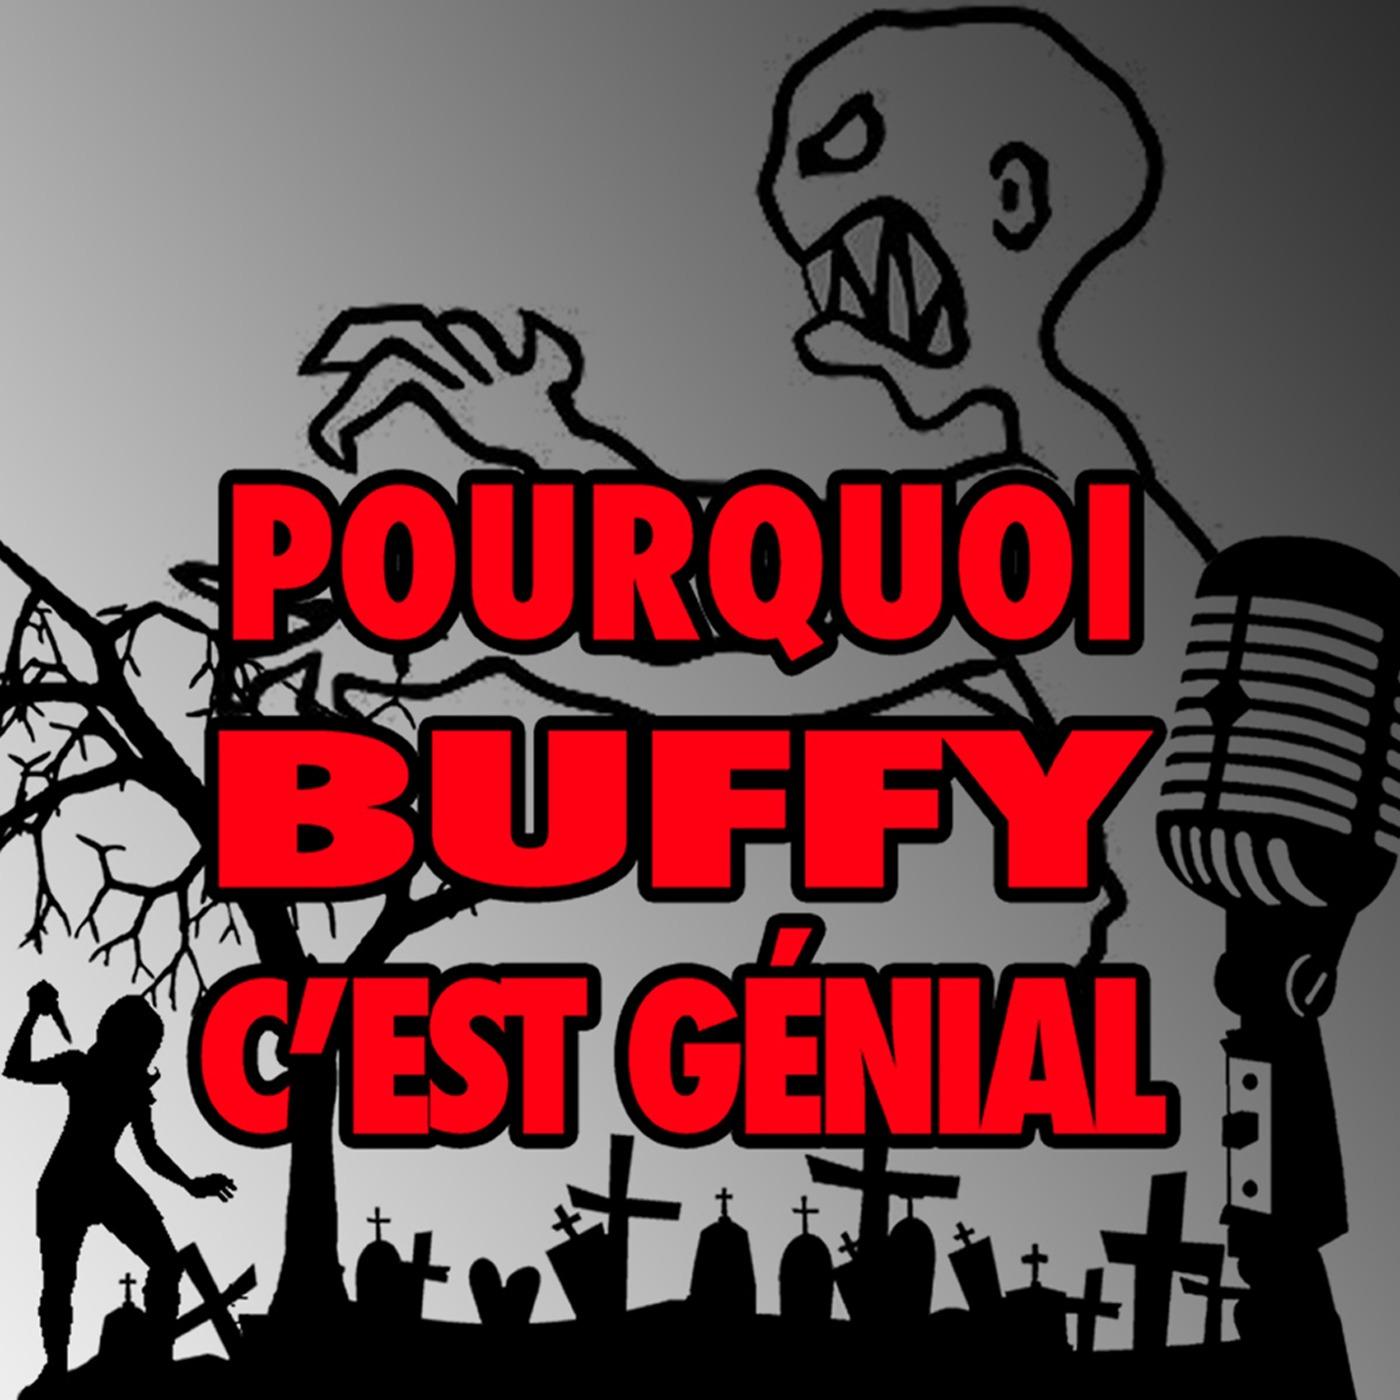 POURQUOI BUFFY C EST GENIAL - Emissions